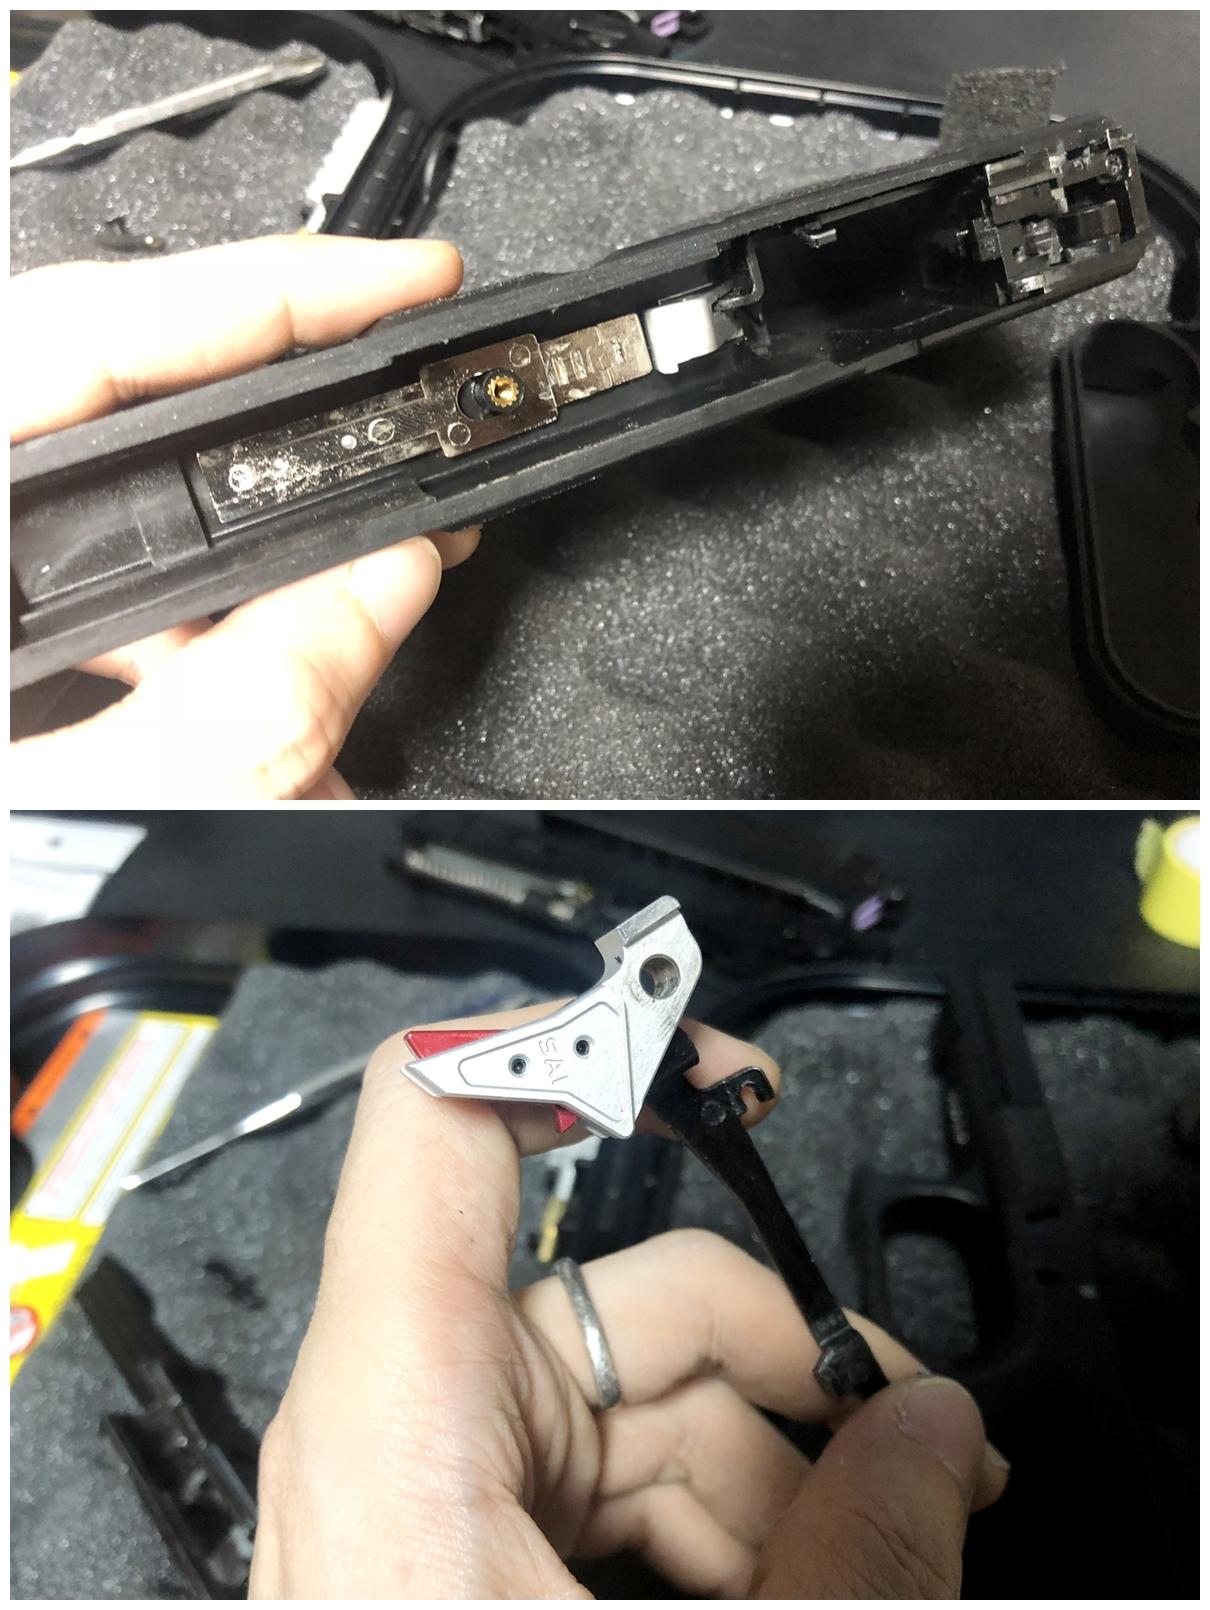 8 GLOCK 18C GBB スライドの動作不良を修理するぞ! GUARDER スチール トリガーバー & ガーダー スチール ノッカーロック 購入 分解 取付 修理 加工